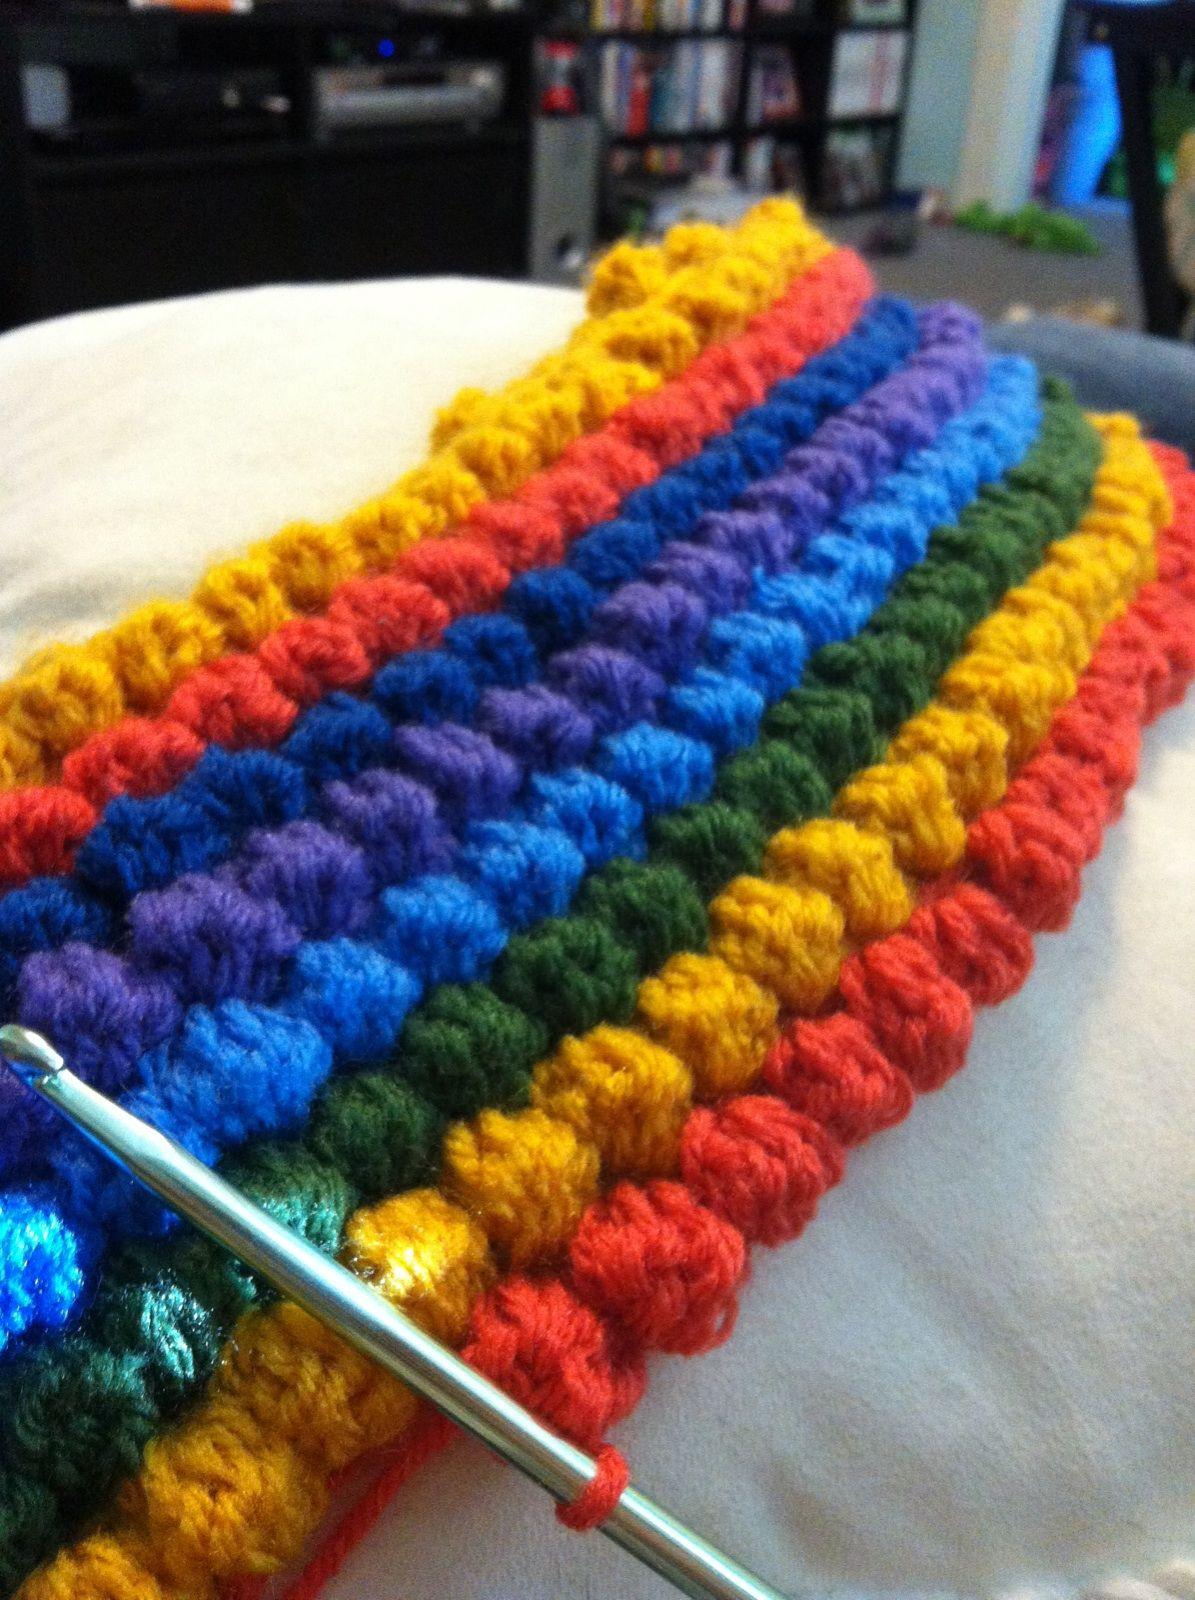 Crochet bobble blanket crochet pinterest blanket crochet crochet bobble blanket bankloansurffo Choice Image